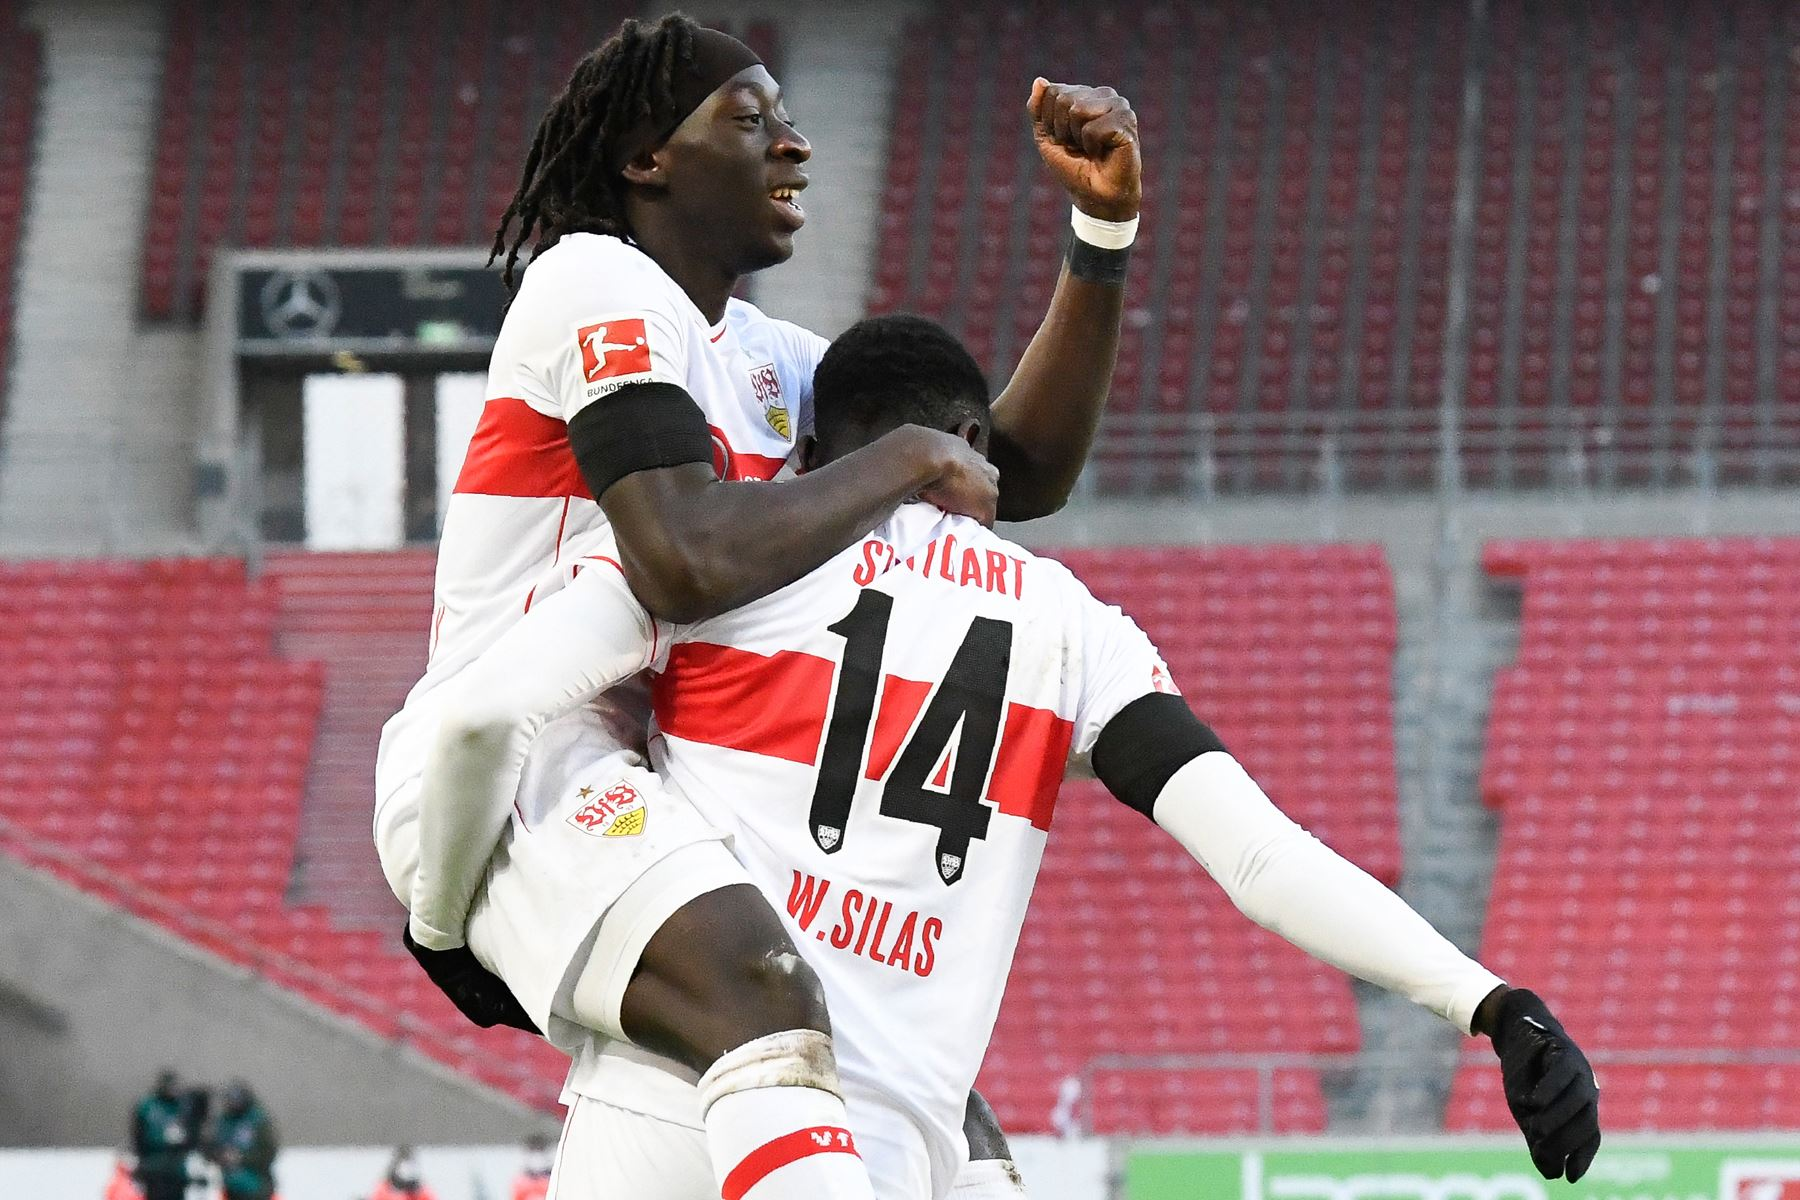 El delantero francés de Stuttgart Tanguy Coulibaly y el delantero congoleño de Stuttgart Silla Wamangituka celebran el 1-0 durante el partido de fútbol de la Bundesliga. Foto: AFP